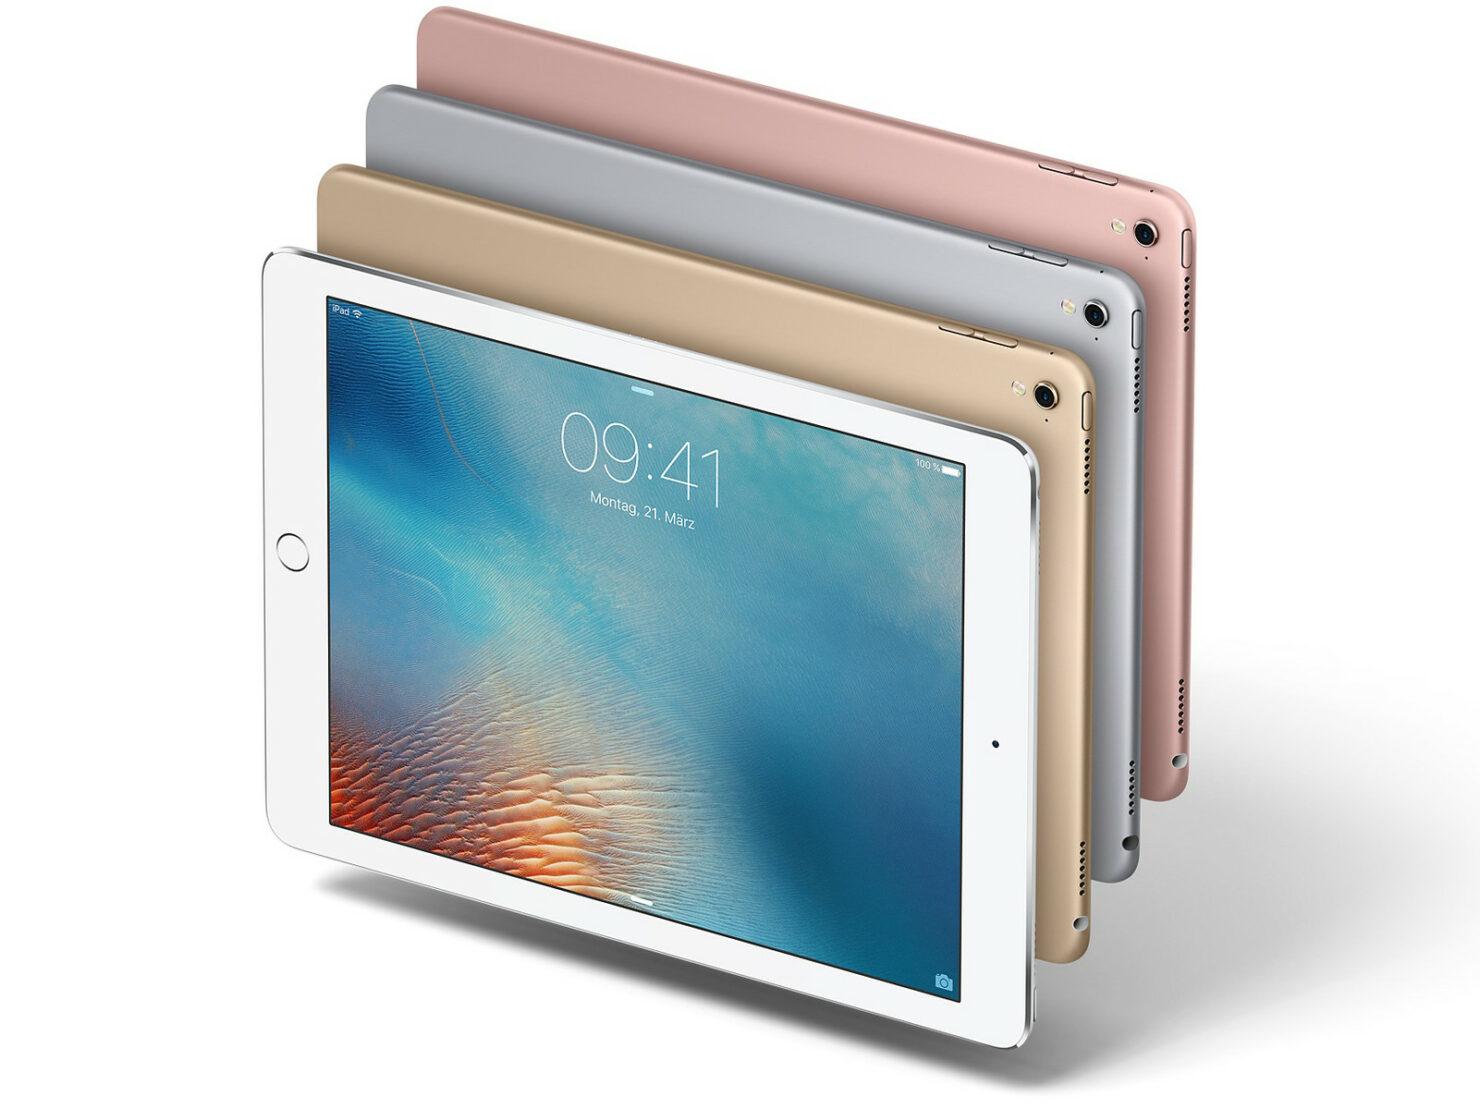 Apple top tablet maker for 2016